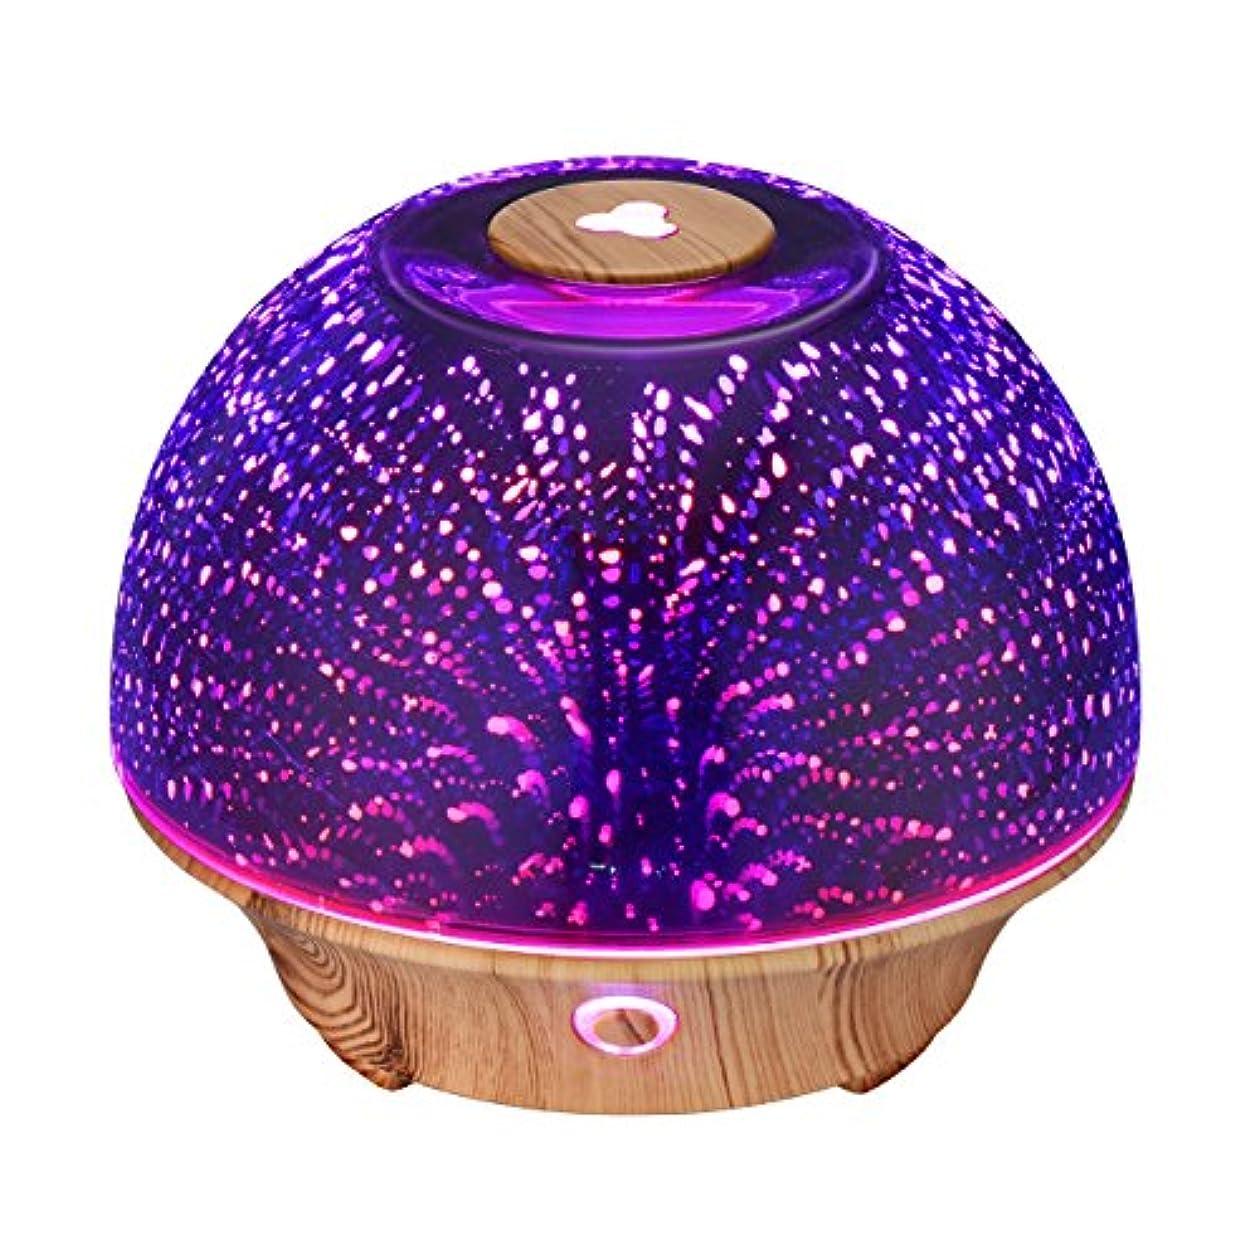 正気強大な大惨事VicTsing Essential Oil Diffuser, 200ml 3D Effect Ultrasonic Aromatherapy Oil Humidifier with Starburst Fireworks...